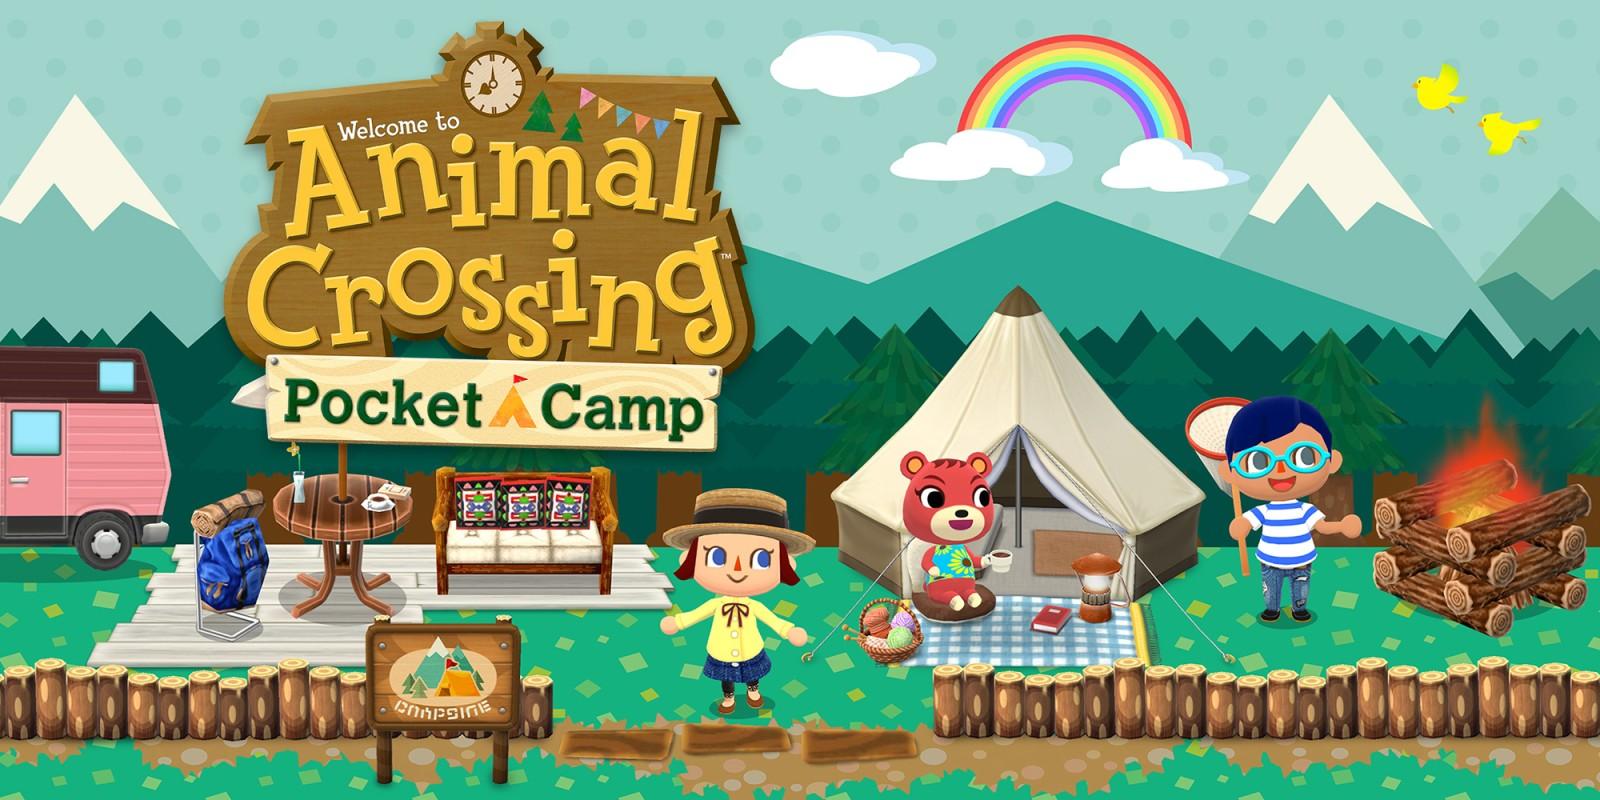 Animal Crossing: Pocket Camp arriva il 22 novembre